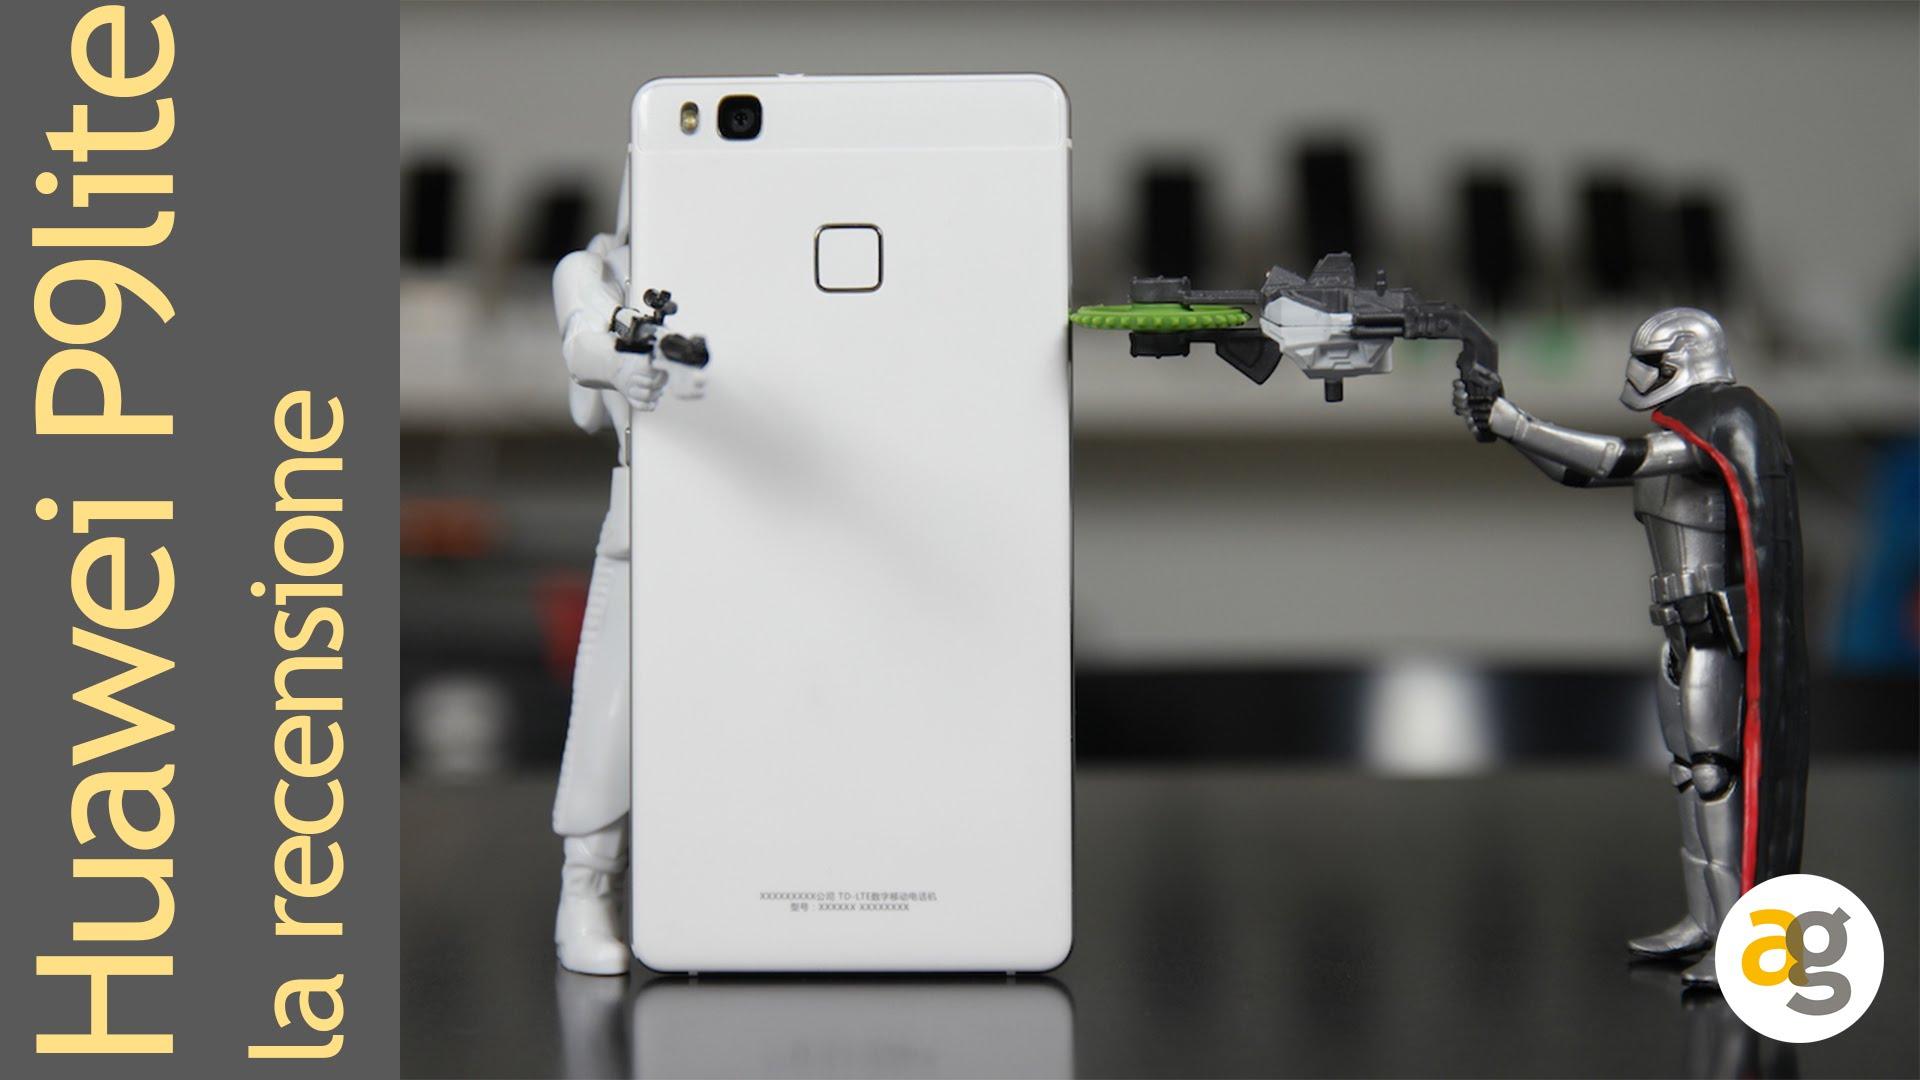 Schemi Elettrici Huawei : Huawei p9 lite la recensione u2013 andrea galeazzi